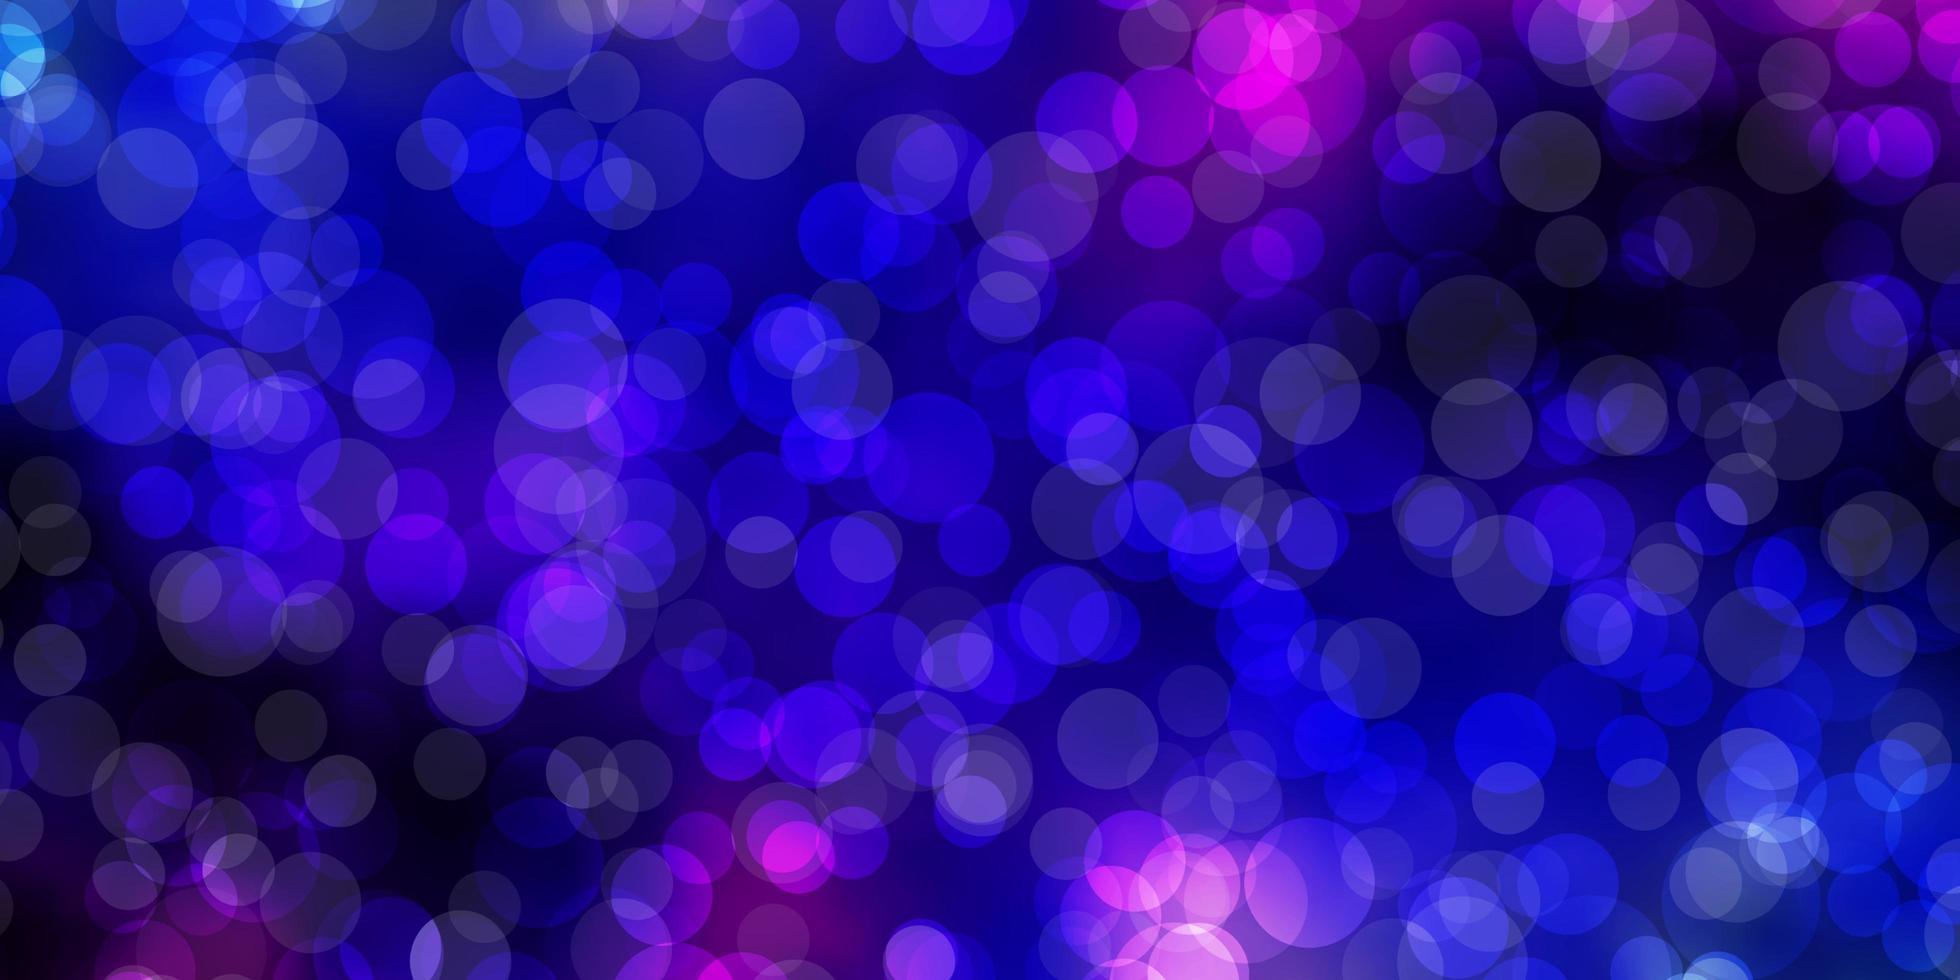 textura de vector de color rosa oscuro, azul con discos.